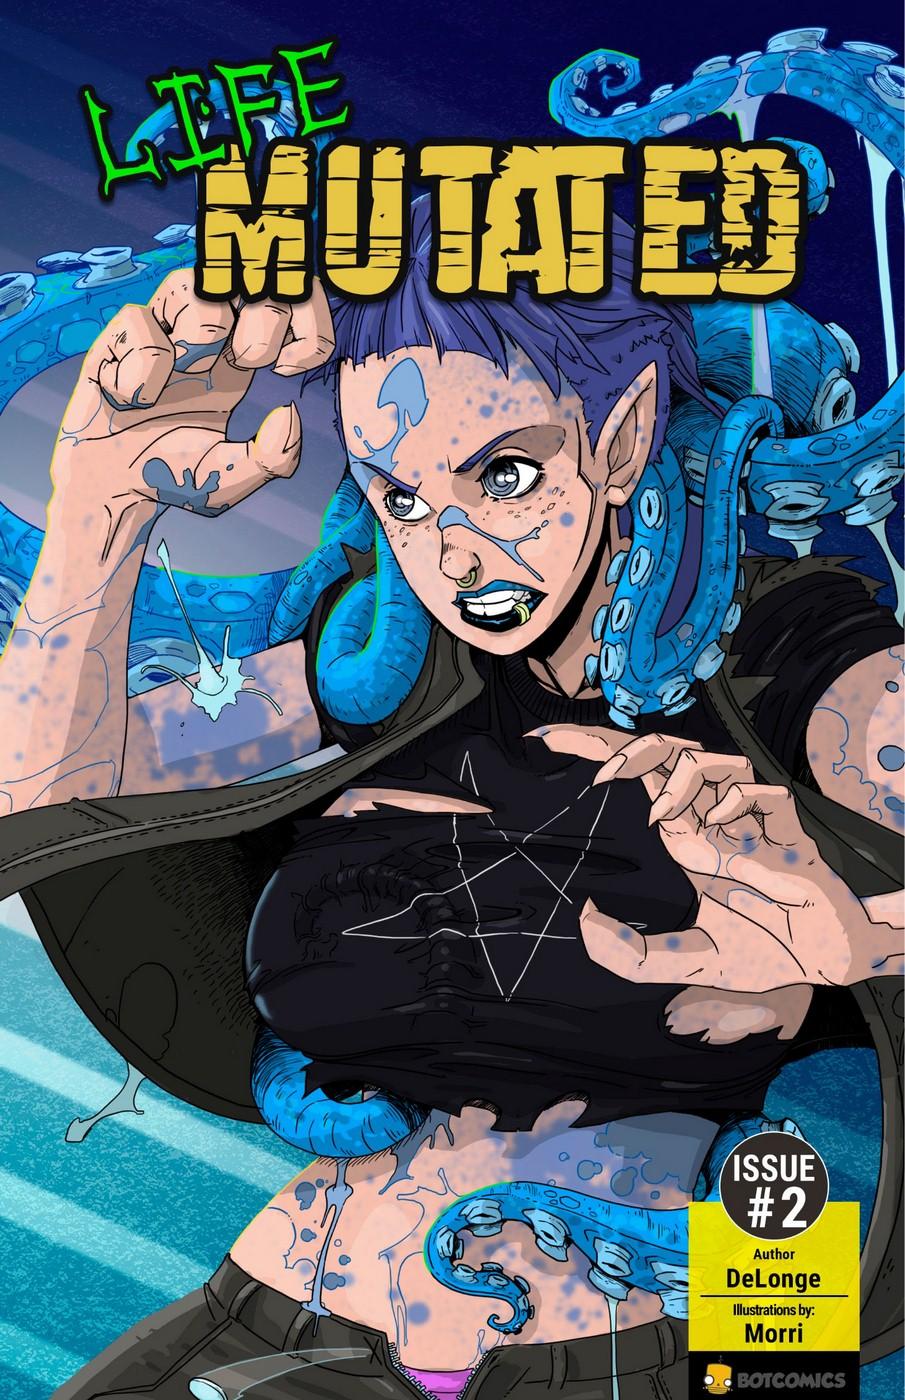 Batgirl Comics Porno Comics bot comics- life mutated 2 • free porn comix